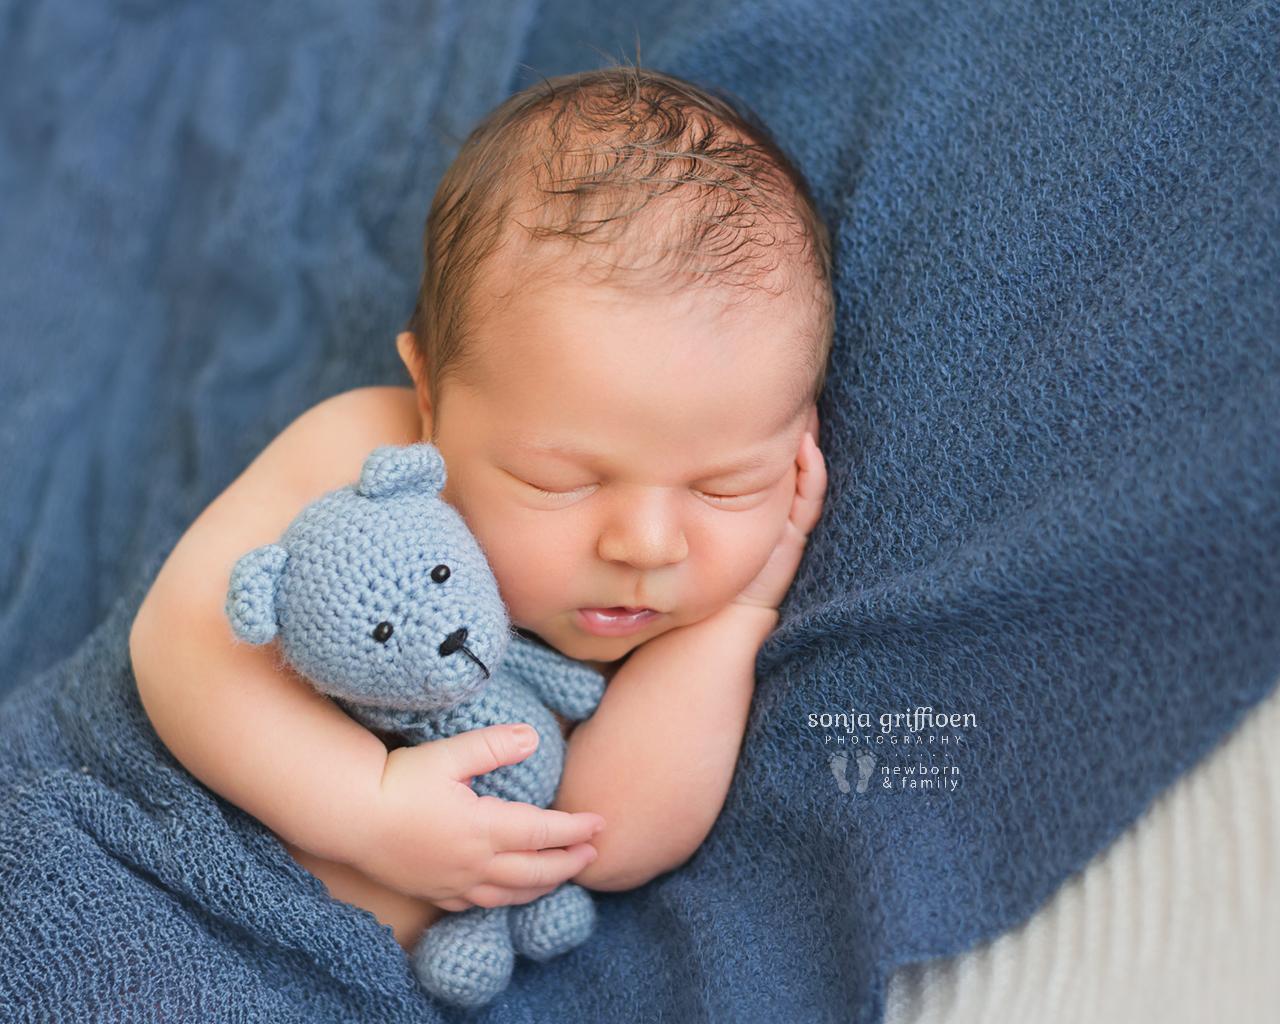 Oliver-G-Newborn-Brisbane-Newborn-Photographer-Sonja-Griffioen-12.jpg